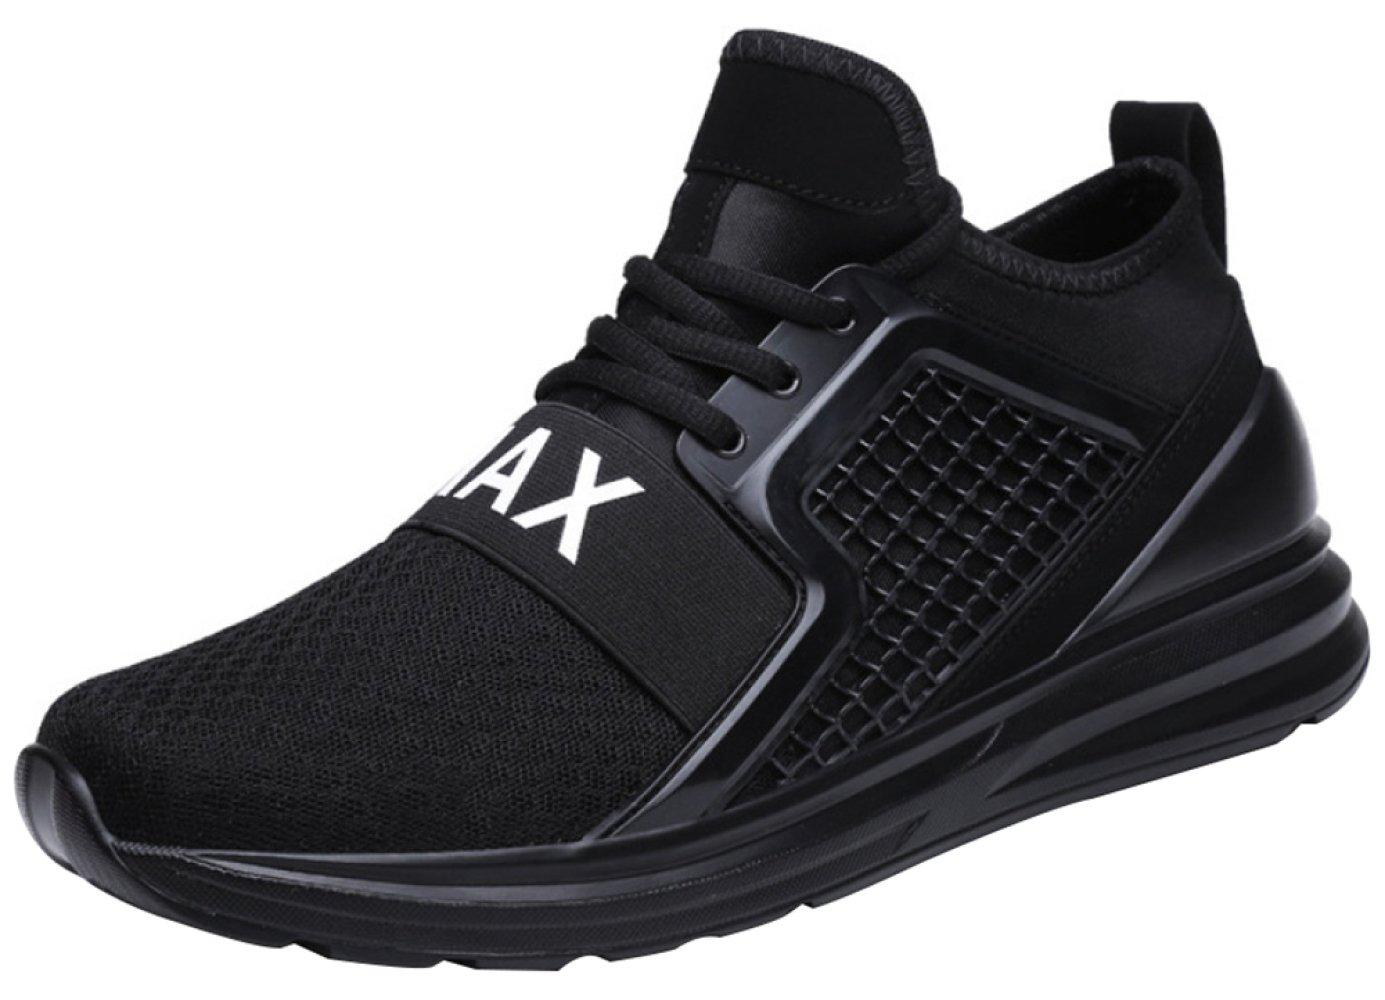 Zapatillas Casuales De Los Hombres Con Zapatos De Senderismo Transpirables De Moda 44EU|Black